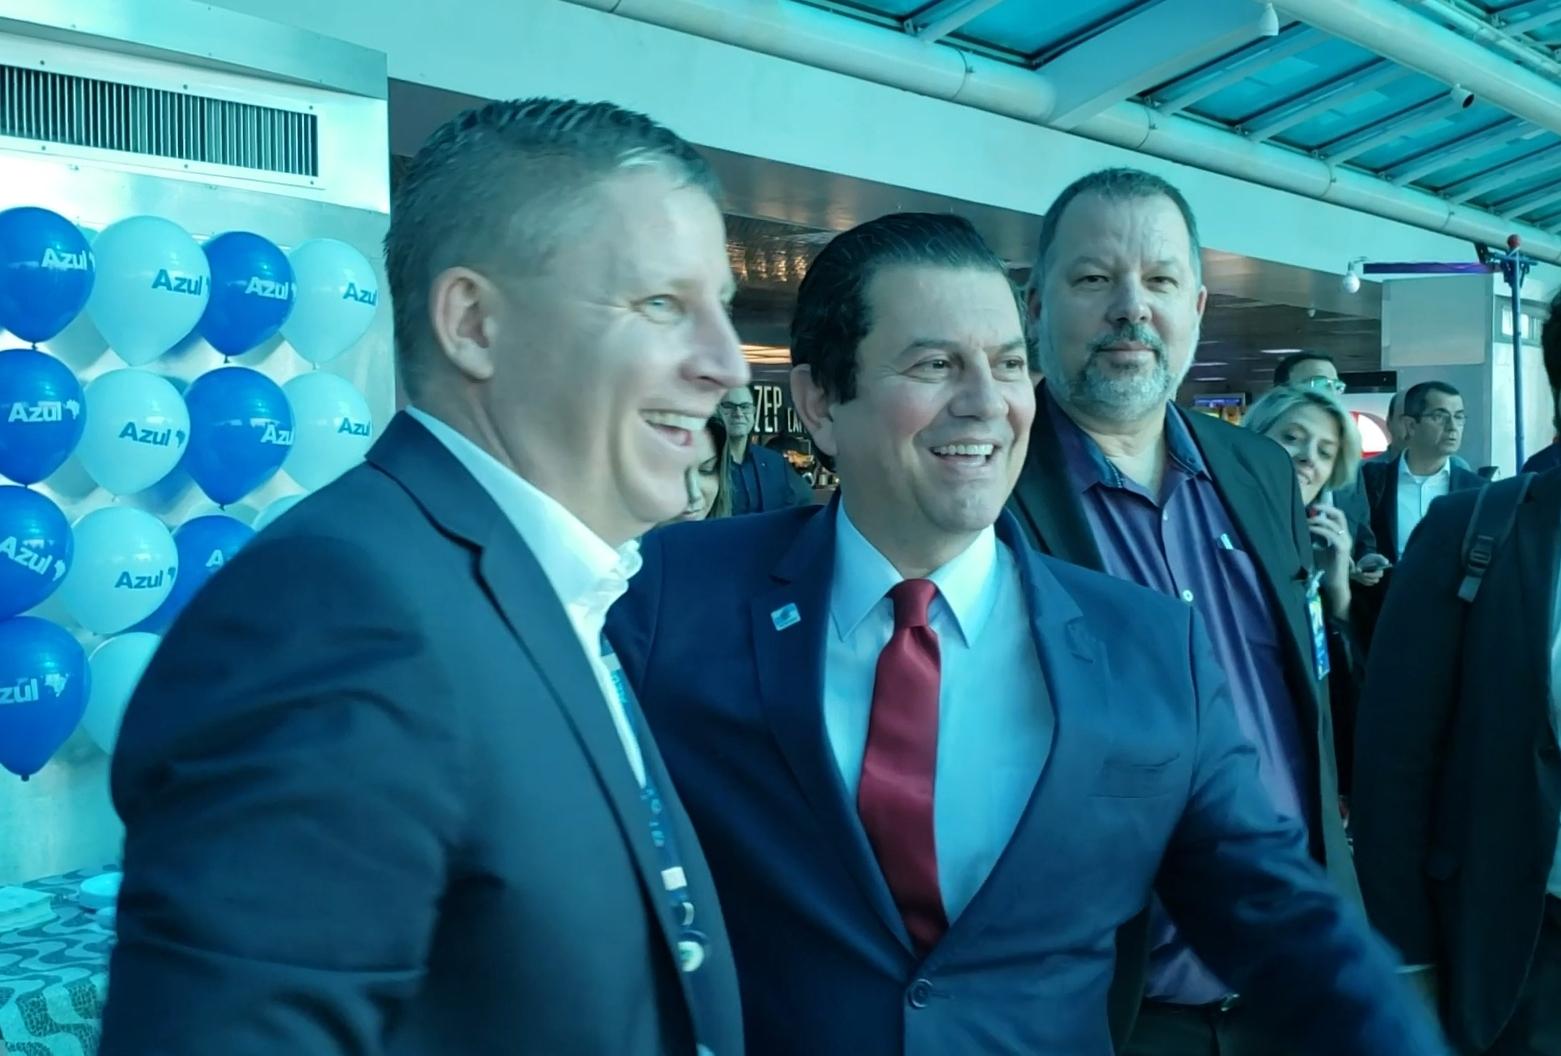 Presidente da Azul,John Rodgerson, e Secretário de Estado de Turismo, Otavio Leite